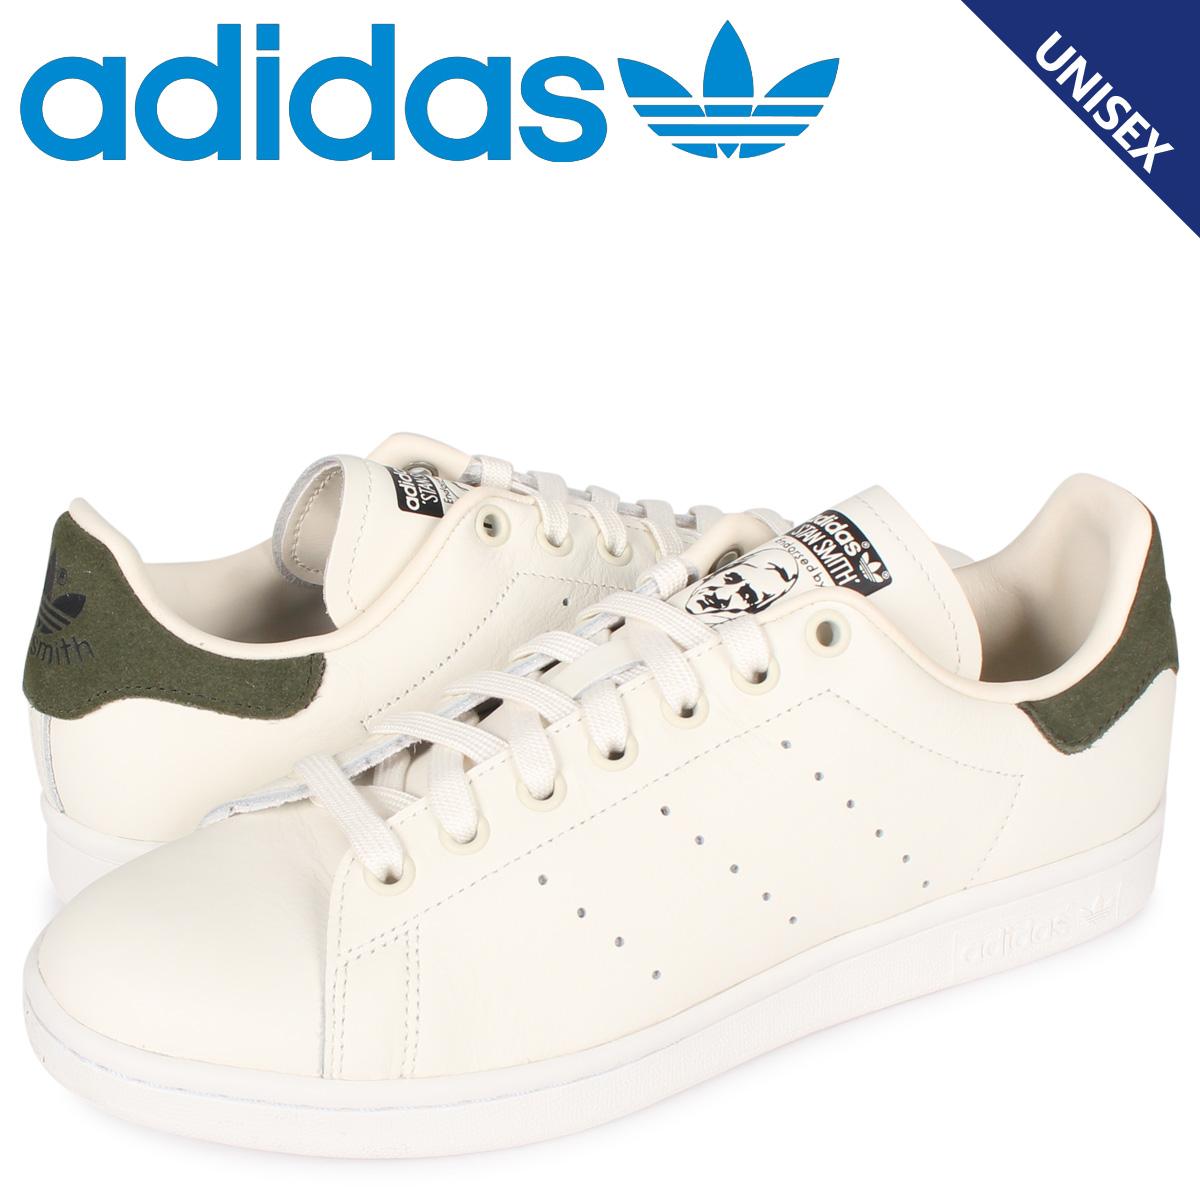 アディダス オリジナルス adidas Originals スタンスミス スニーカー メンズ レディース STAN SMITH ホワイト 白 FV4117